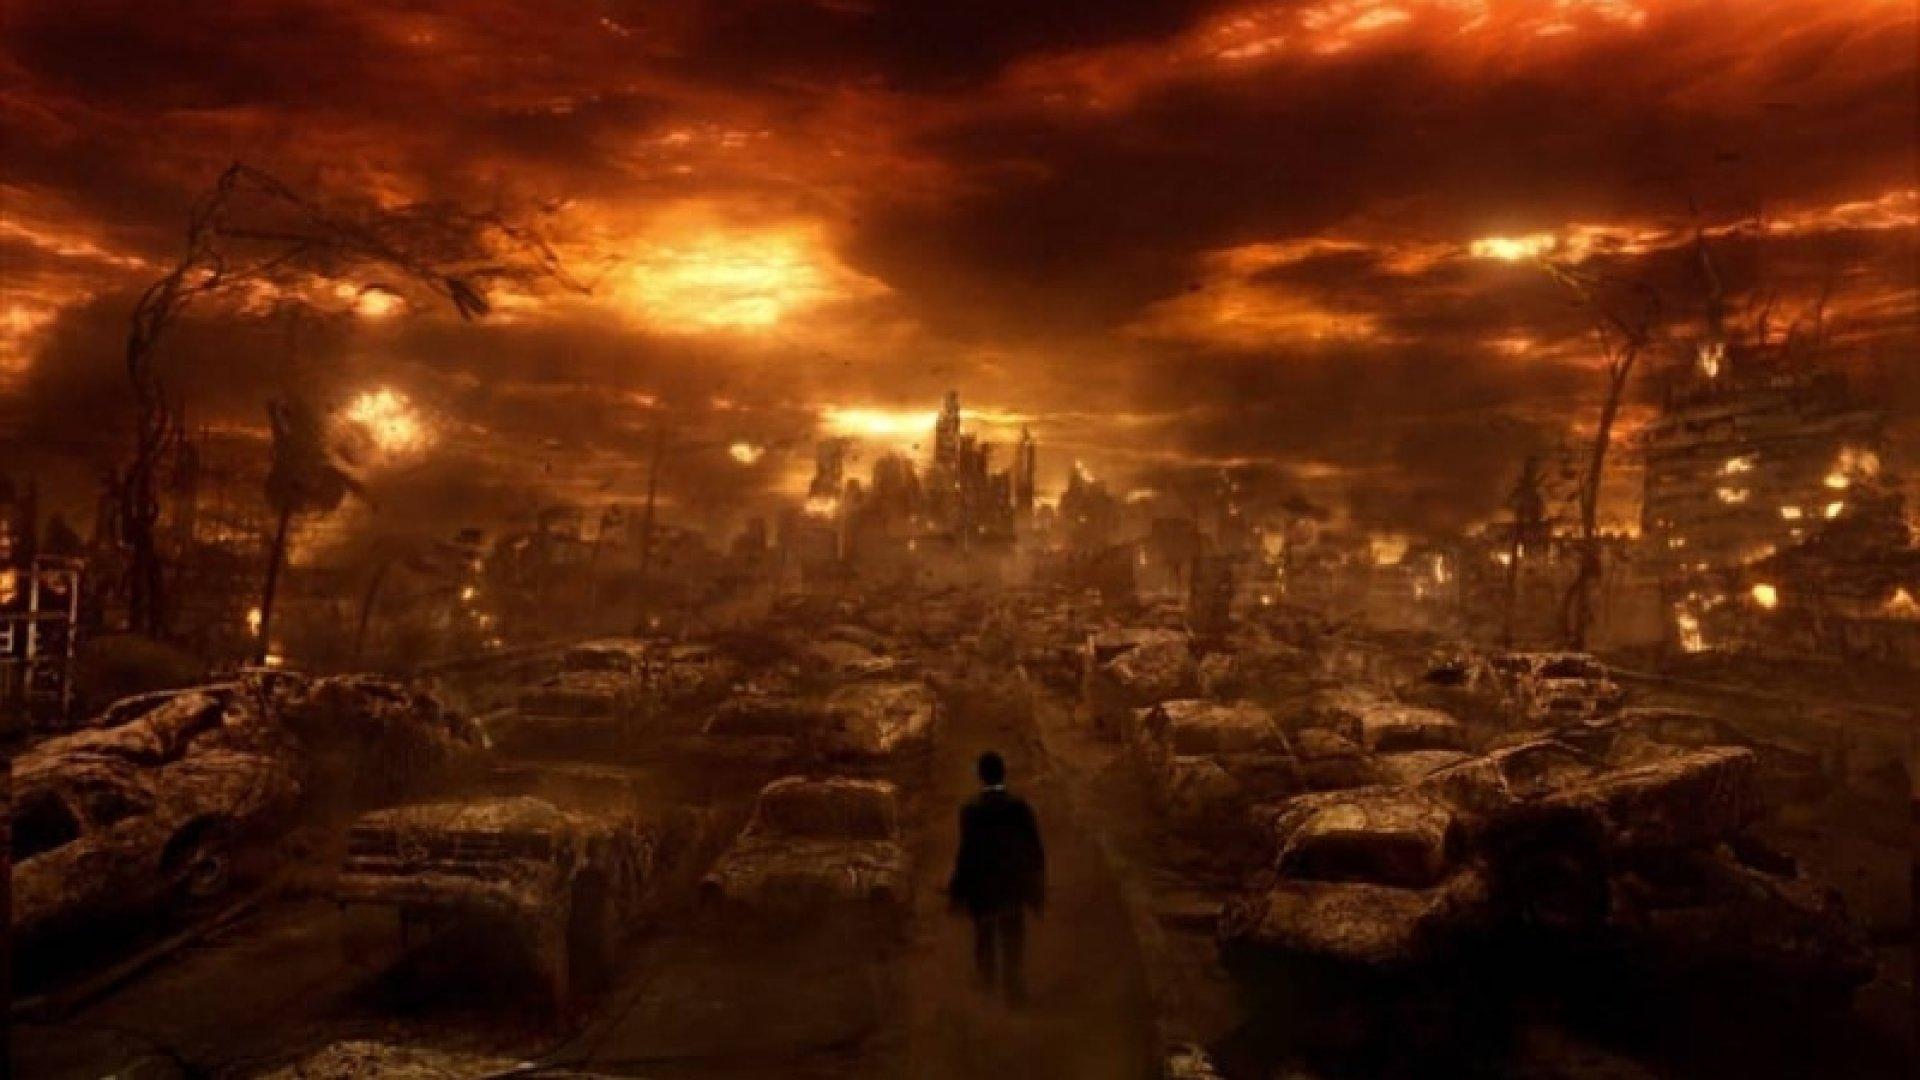 TE IA GROAZA! 10 filme despre sfârșitul lumii care au făcut istorie    PUBLIKA .MD - AICI SUNT ȘTIRILE